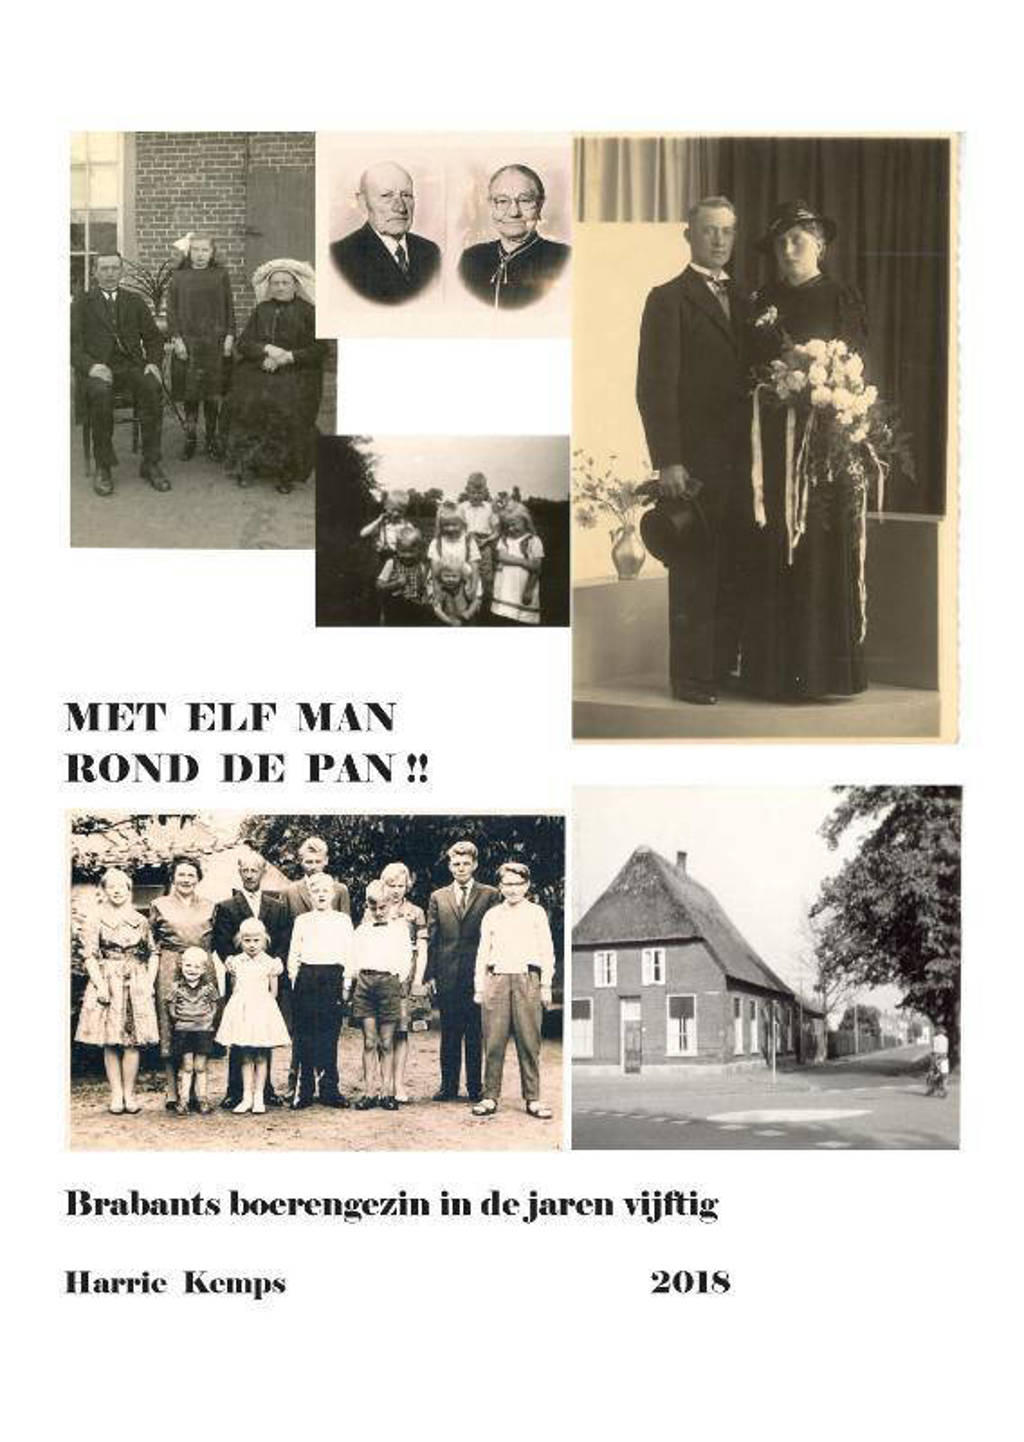 Met elf man rond de pan - Harrie Kemps